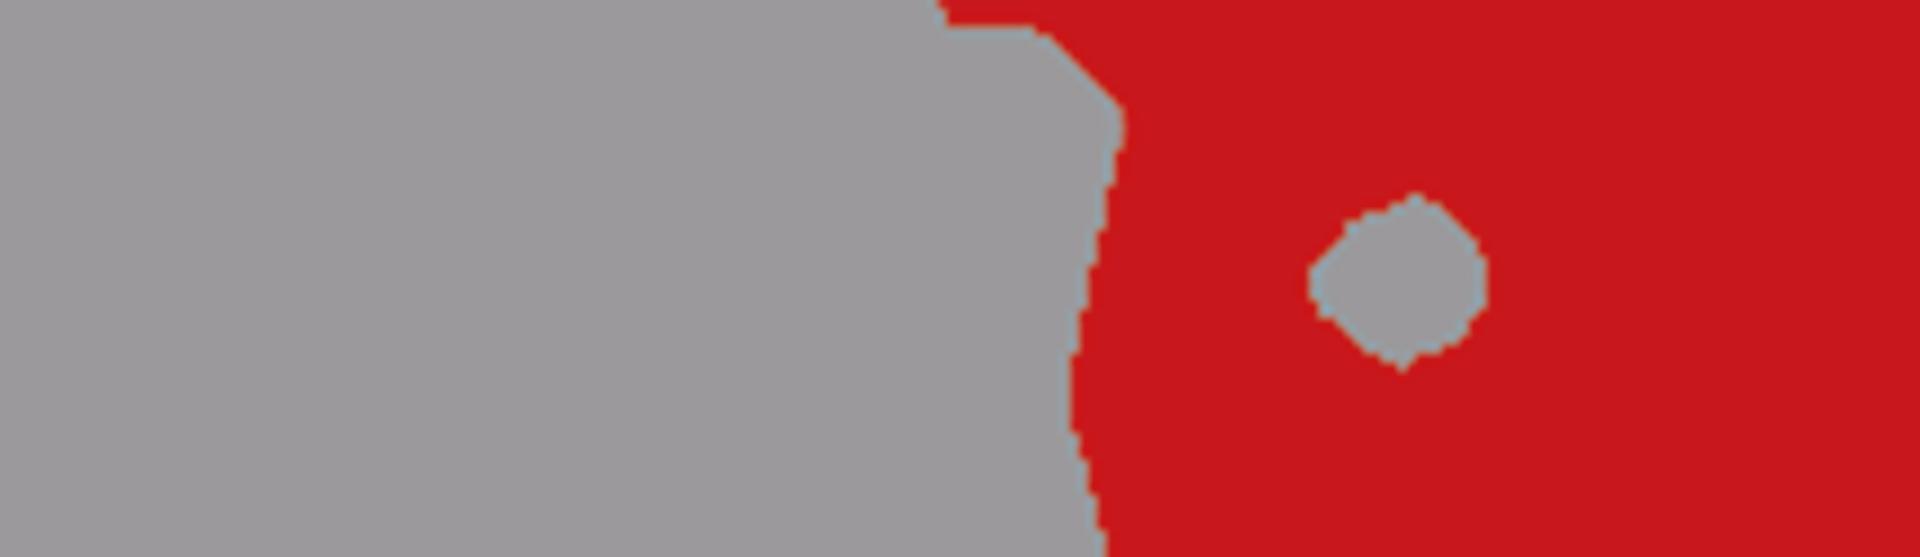 Как мониторить лог файлы с помощью GrayLog Linux